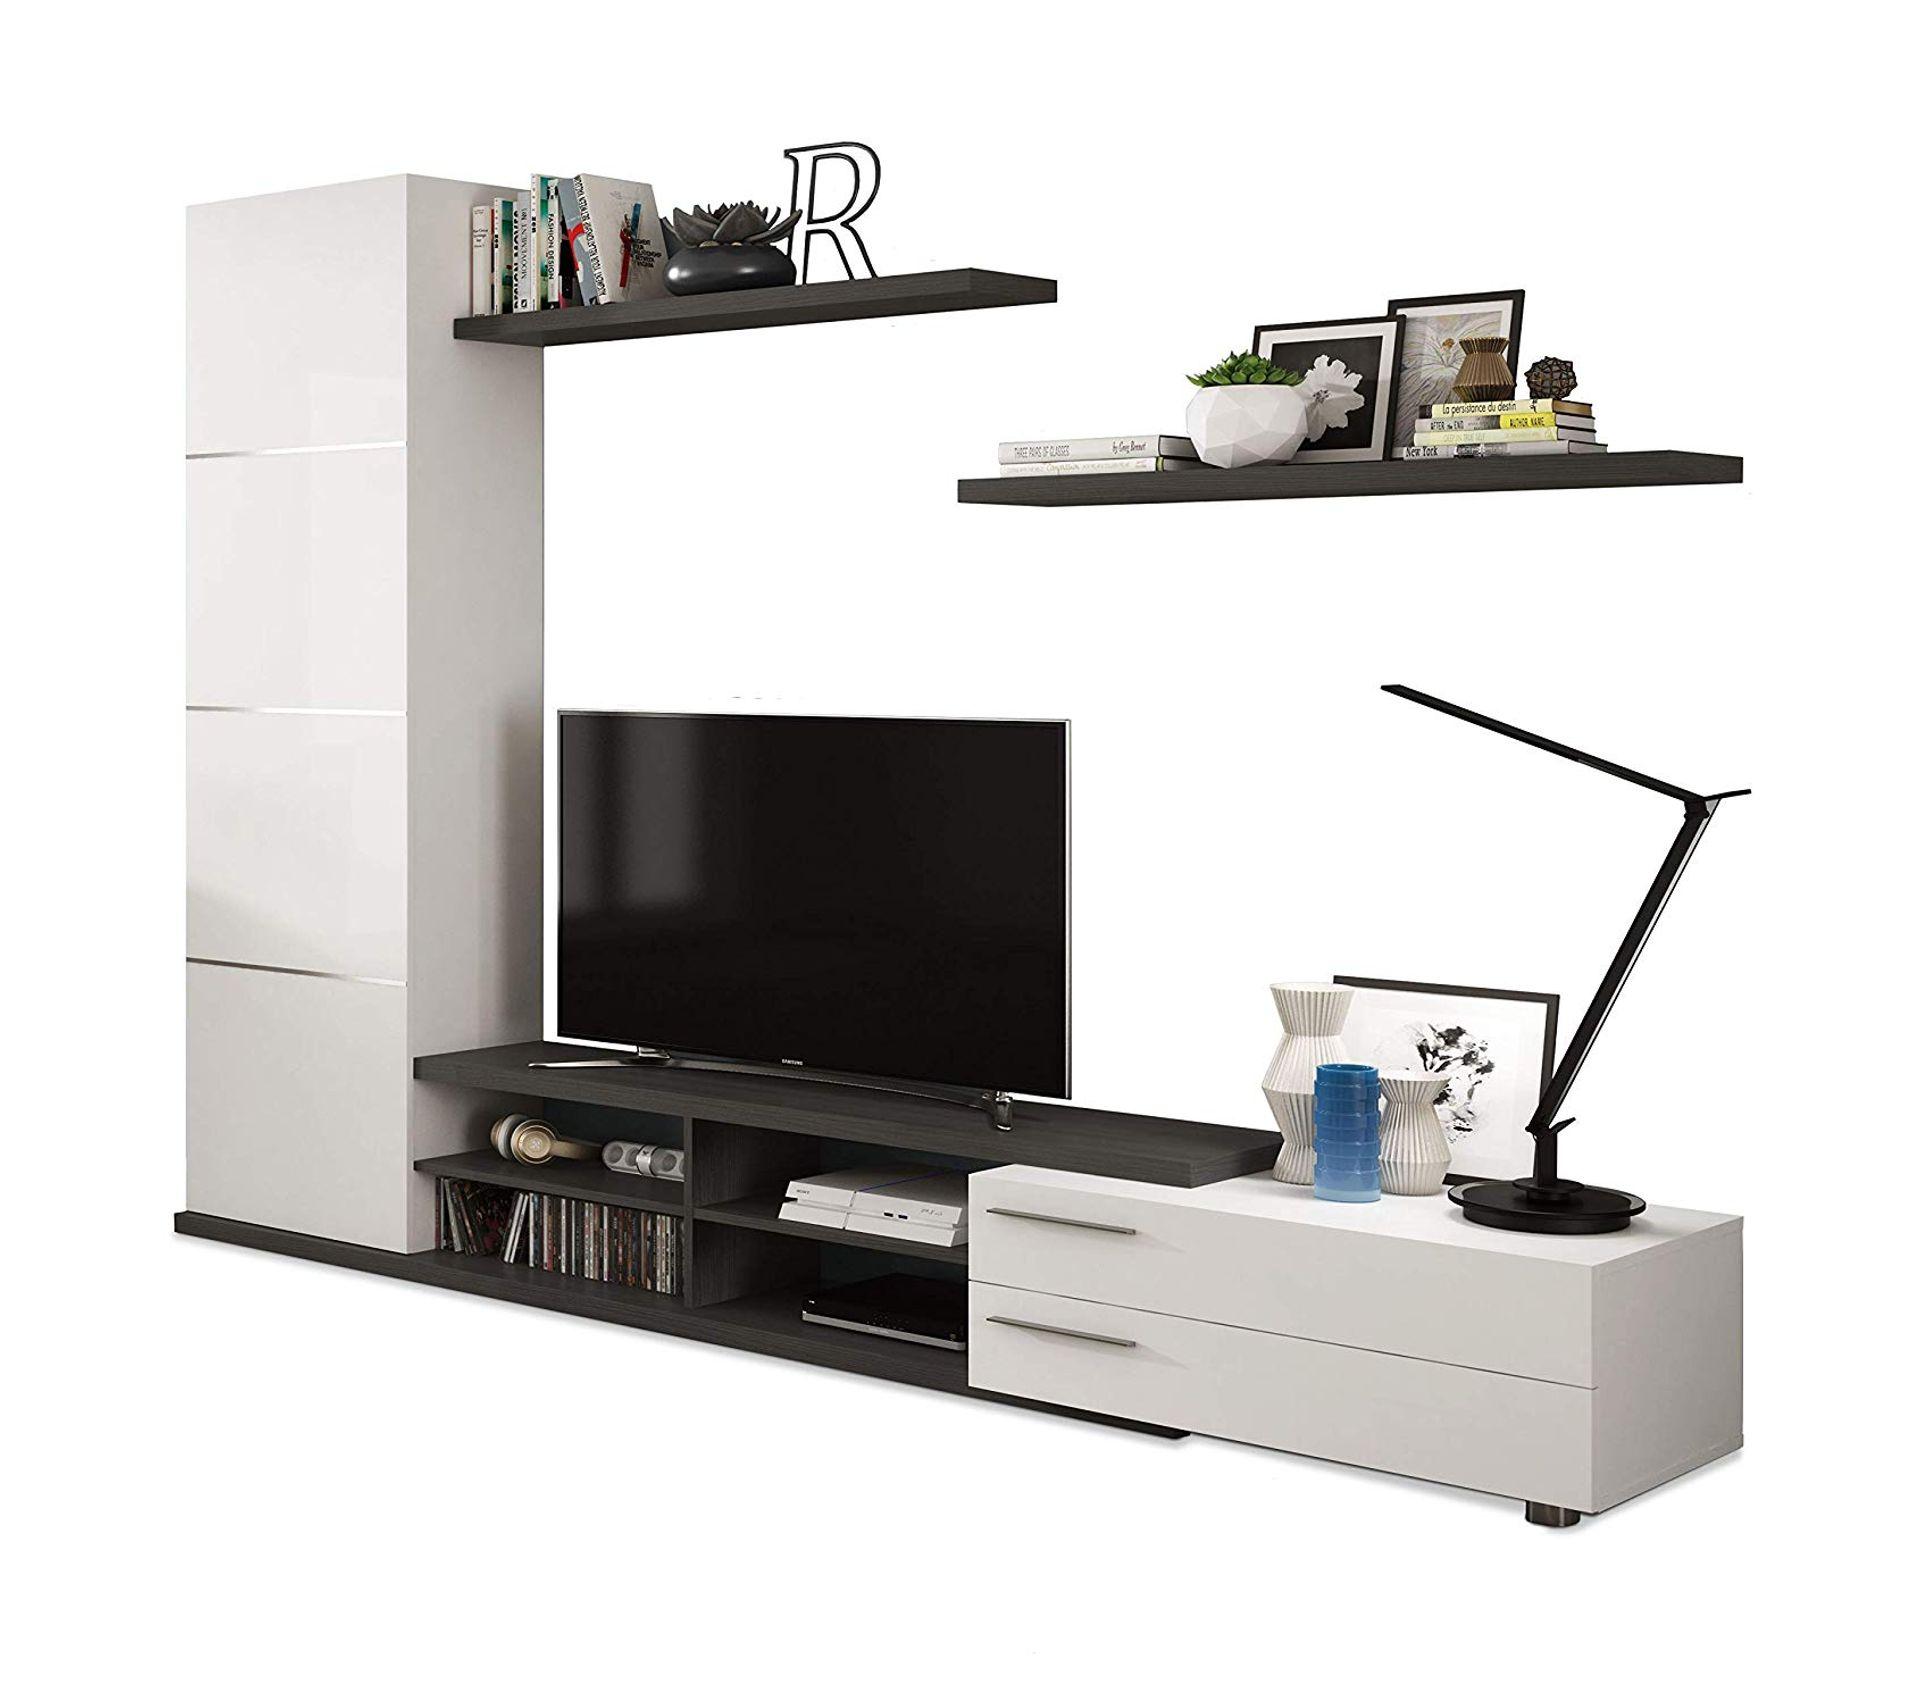 Meuble Tv Avec Bibliothèque meuble tv moderne avec colonne de rangement adhari cendre et blanc